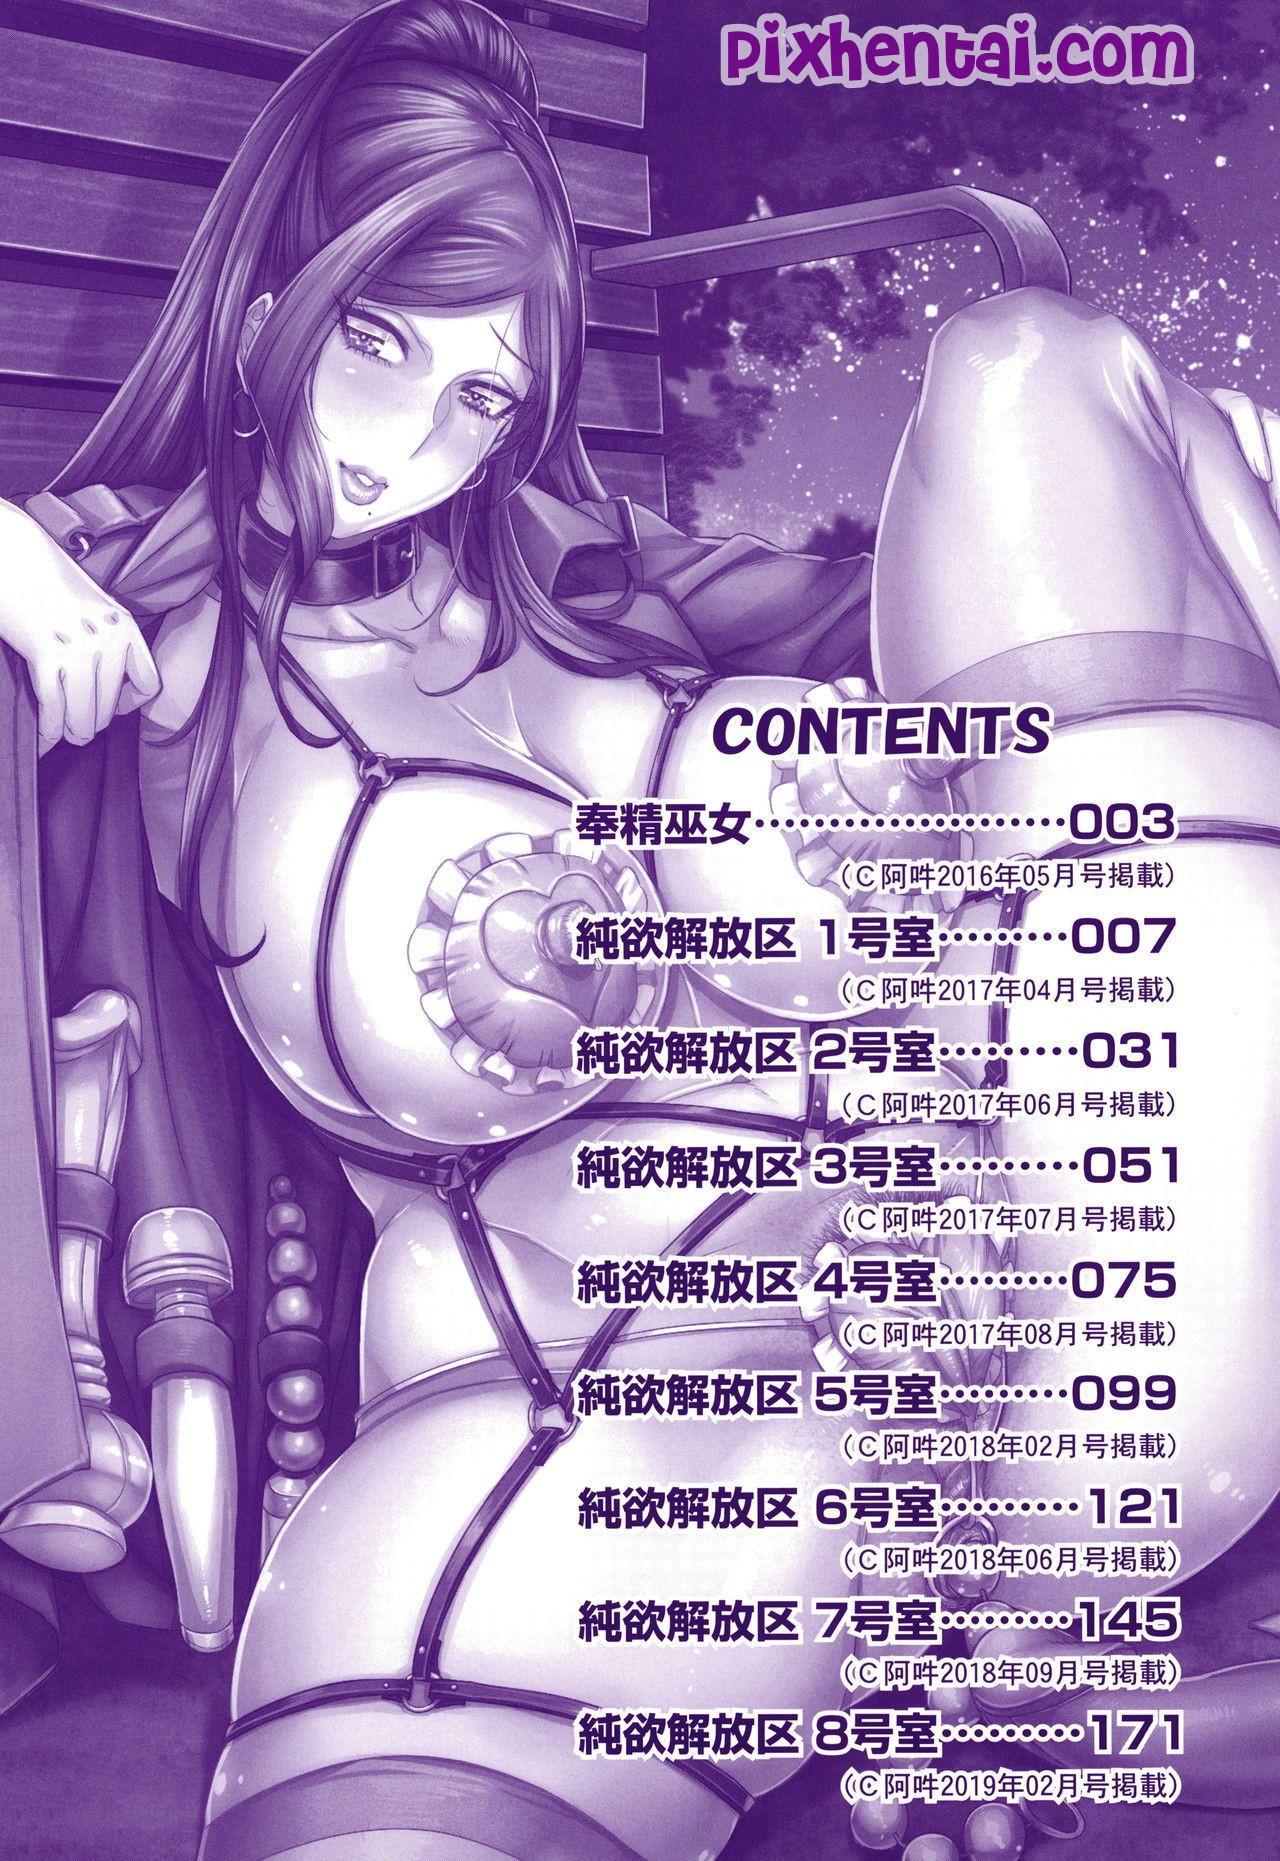 Komik hentai xxx manga sex bokep ibu kost montok dientot fotografer 04